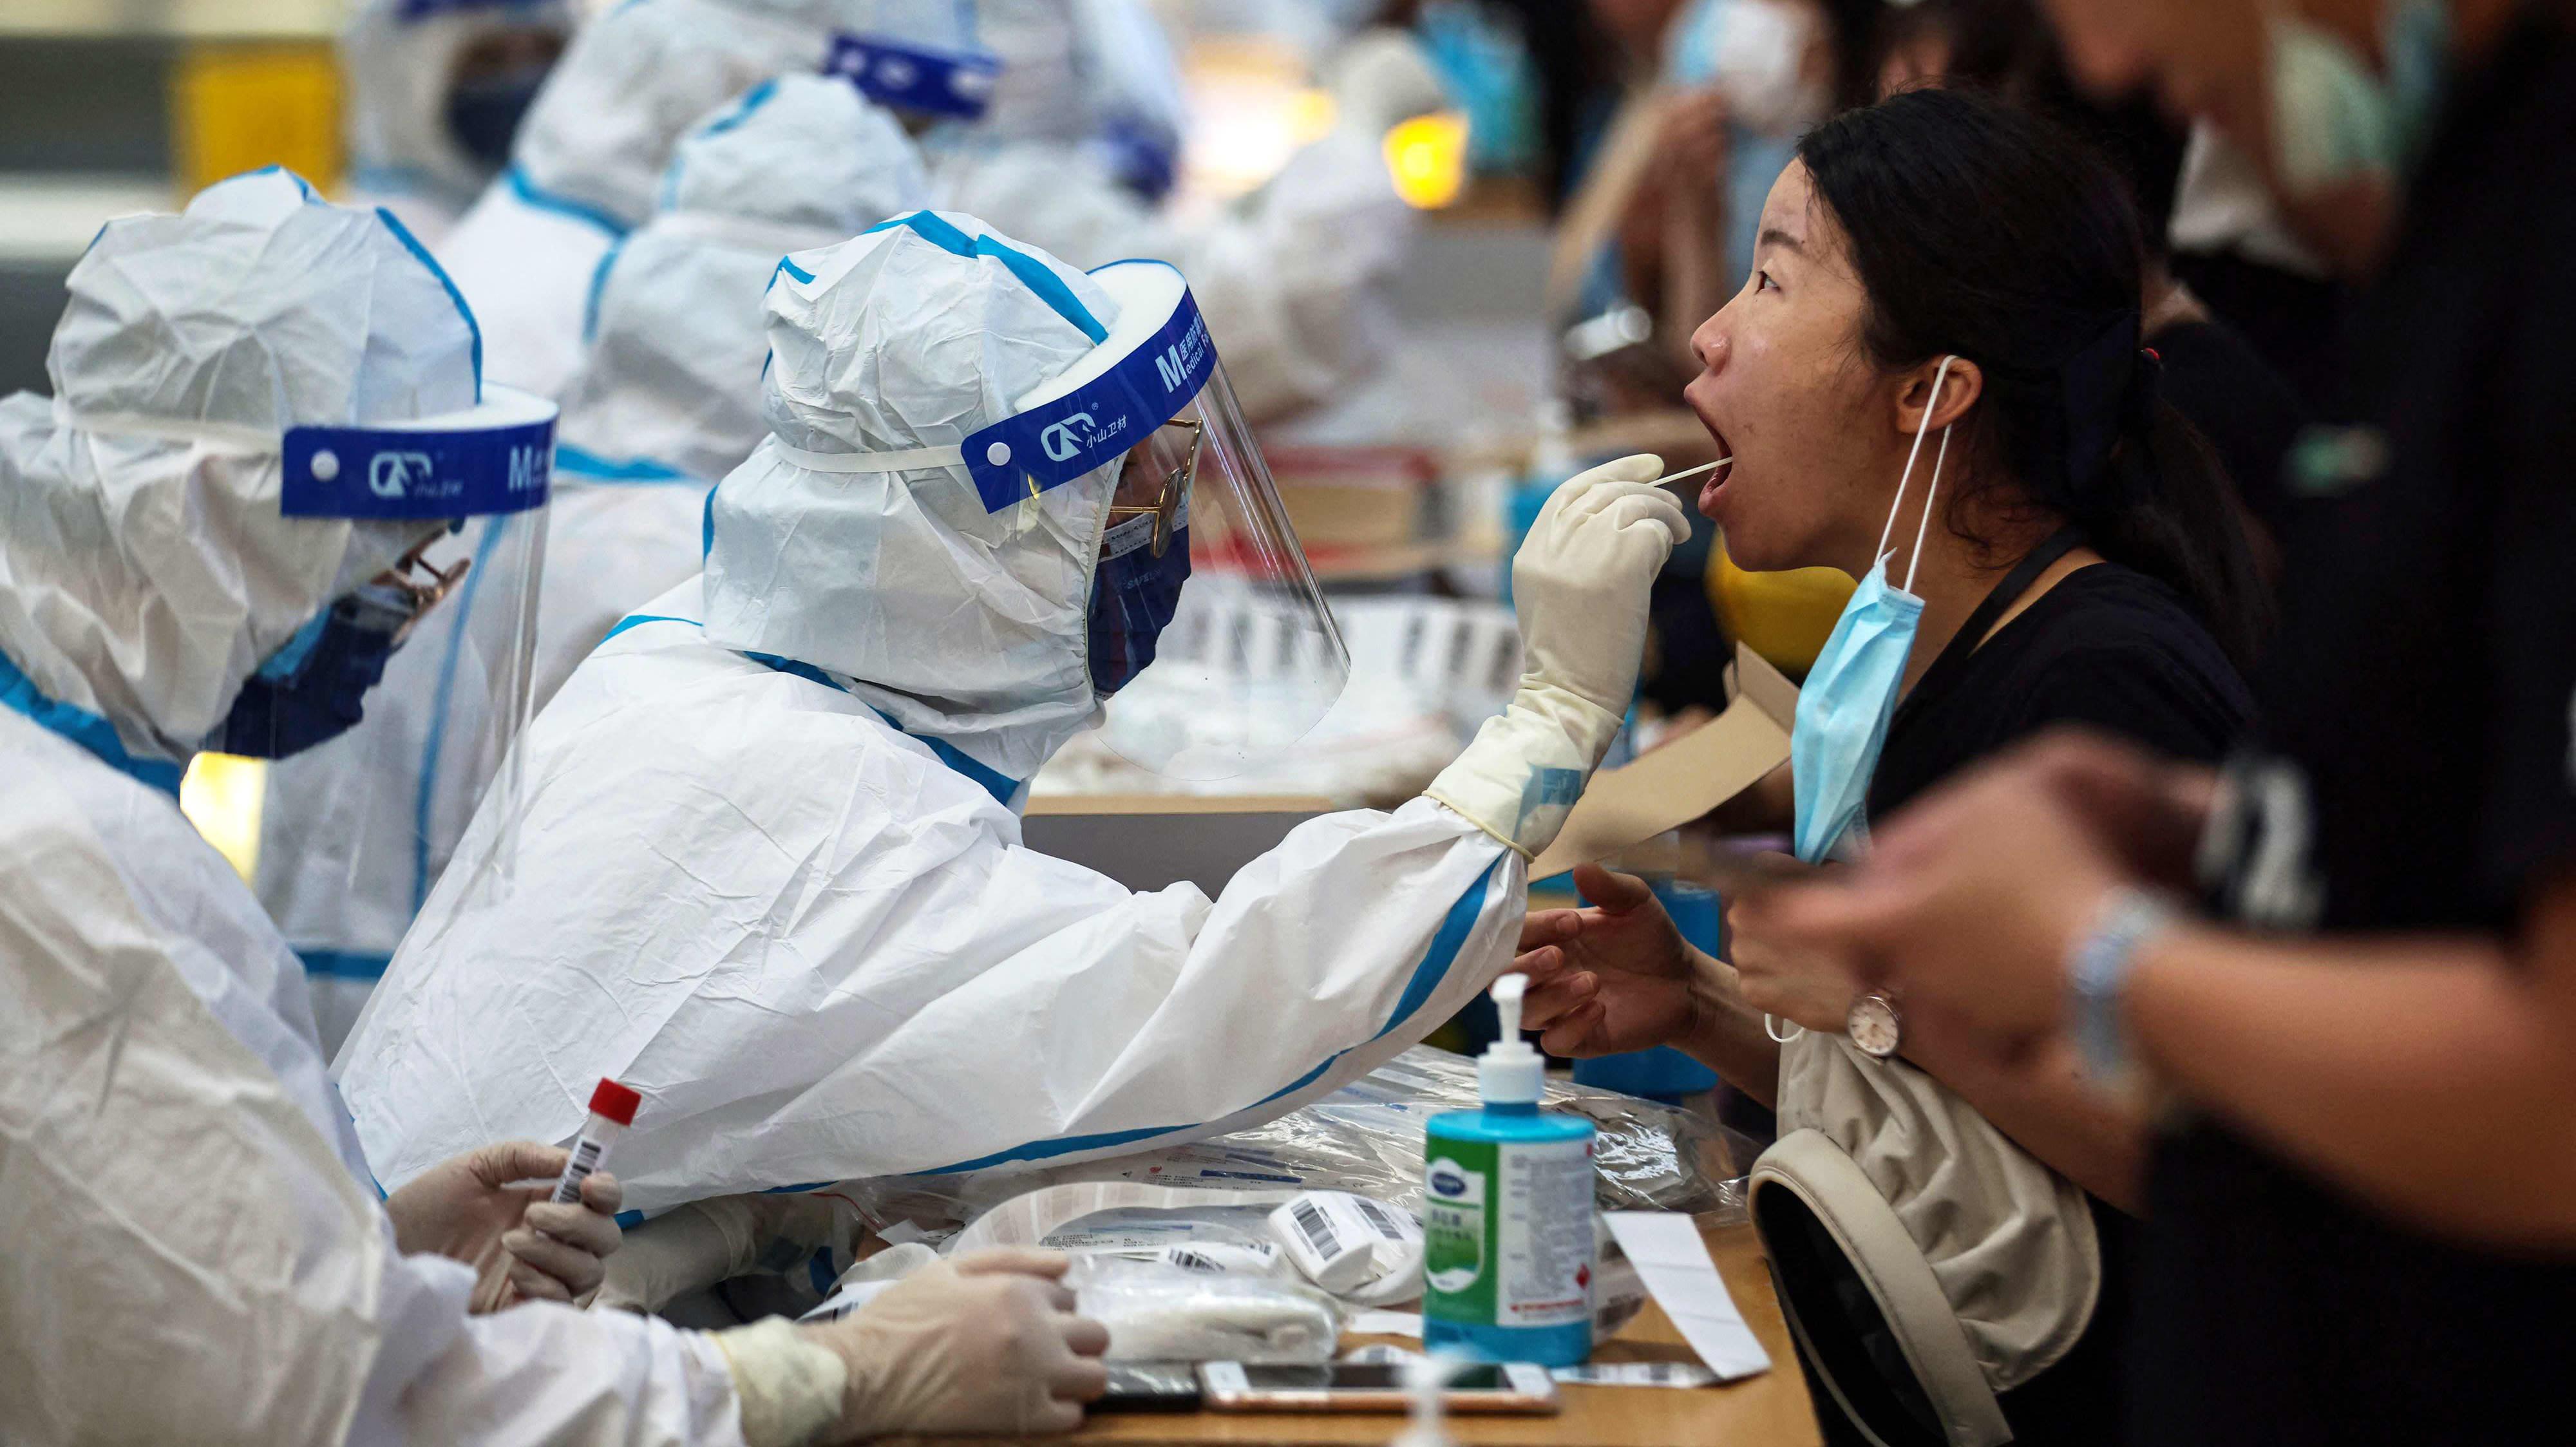 Koronanäytettä otertaan nielusta testipaikalla.